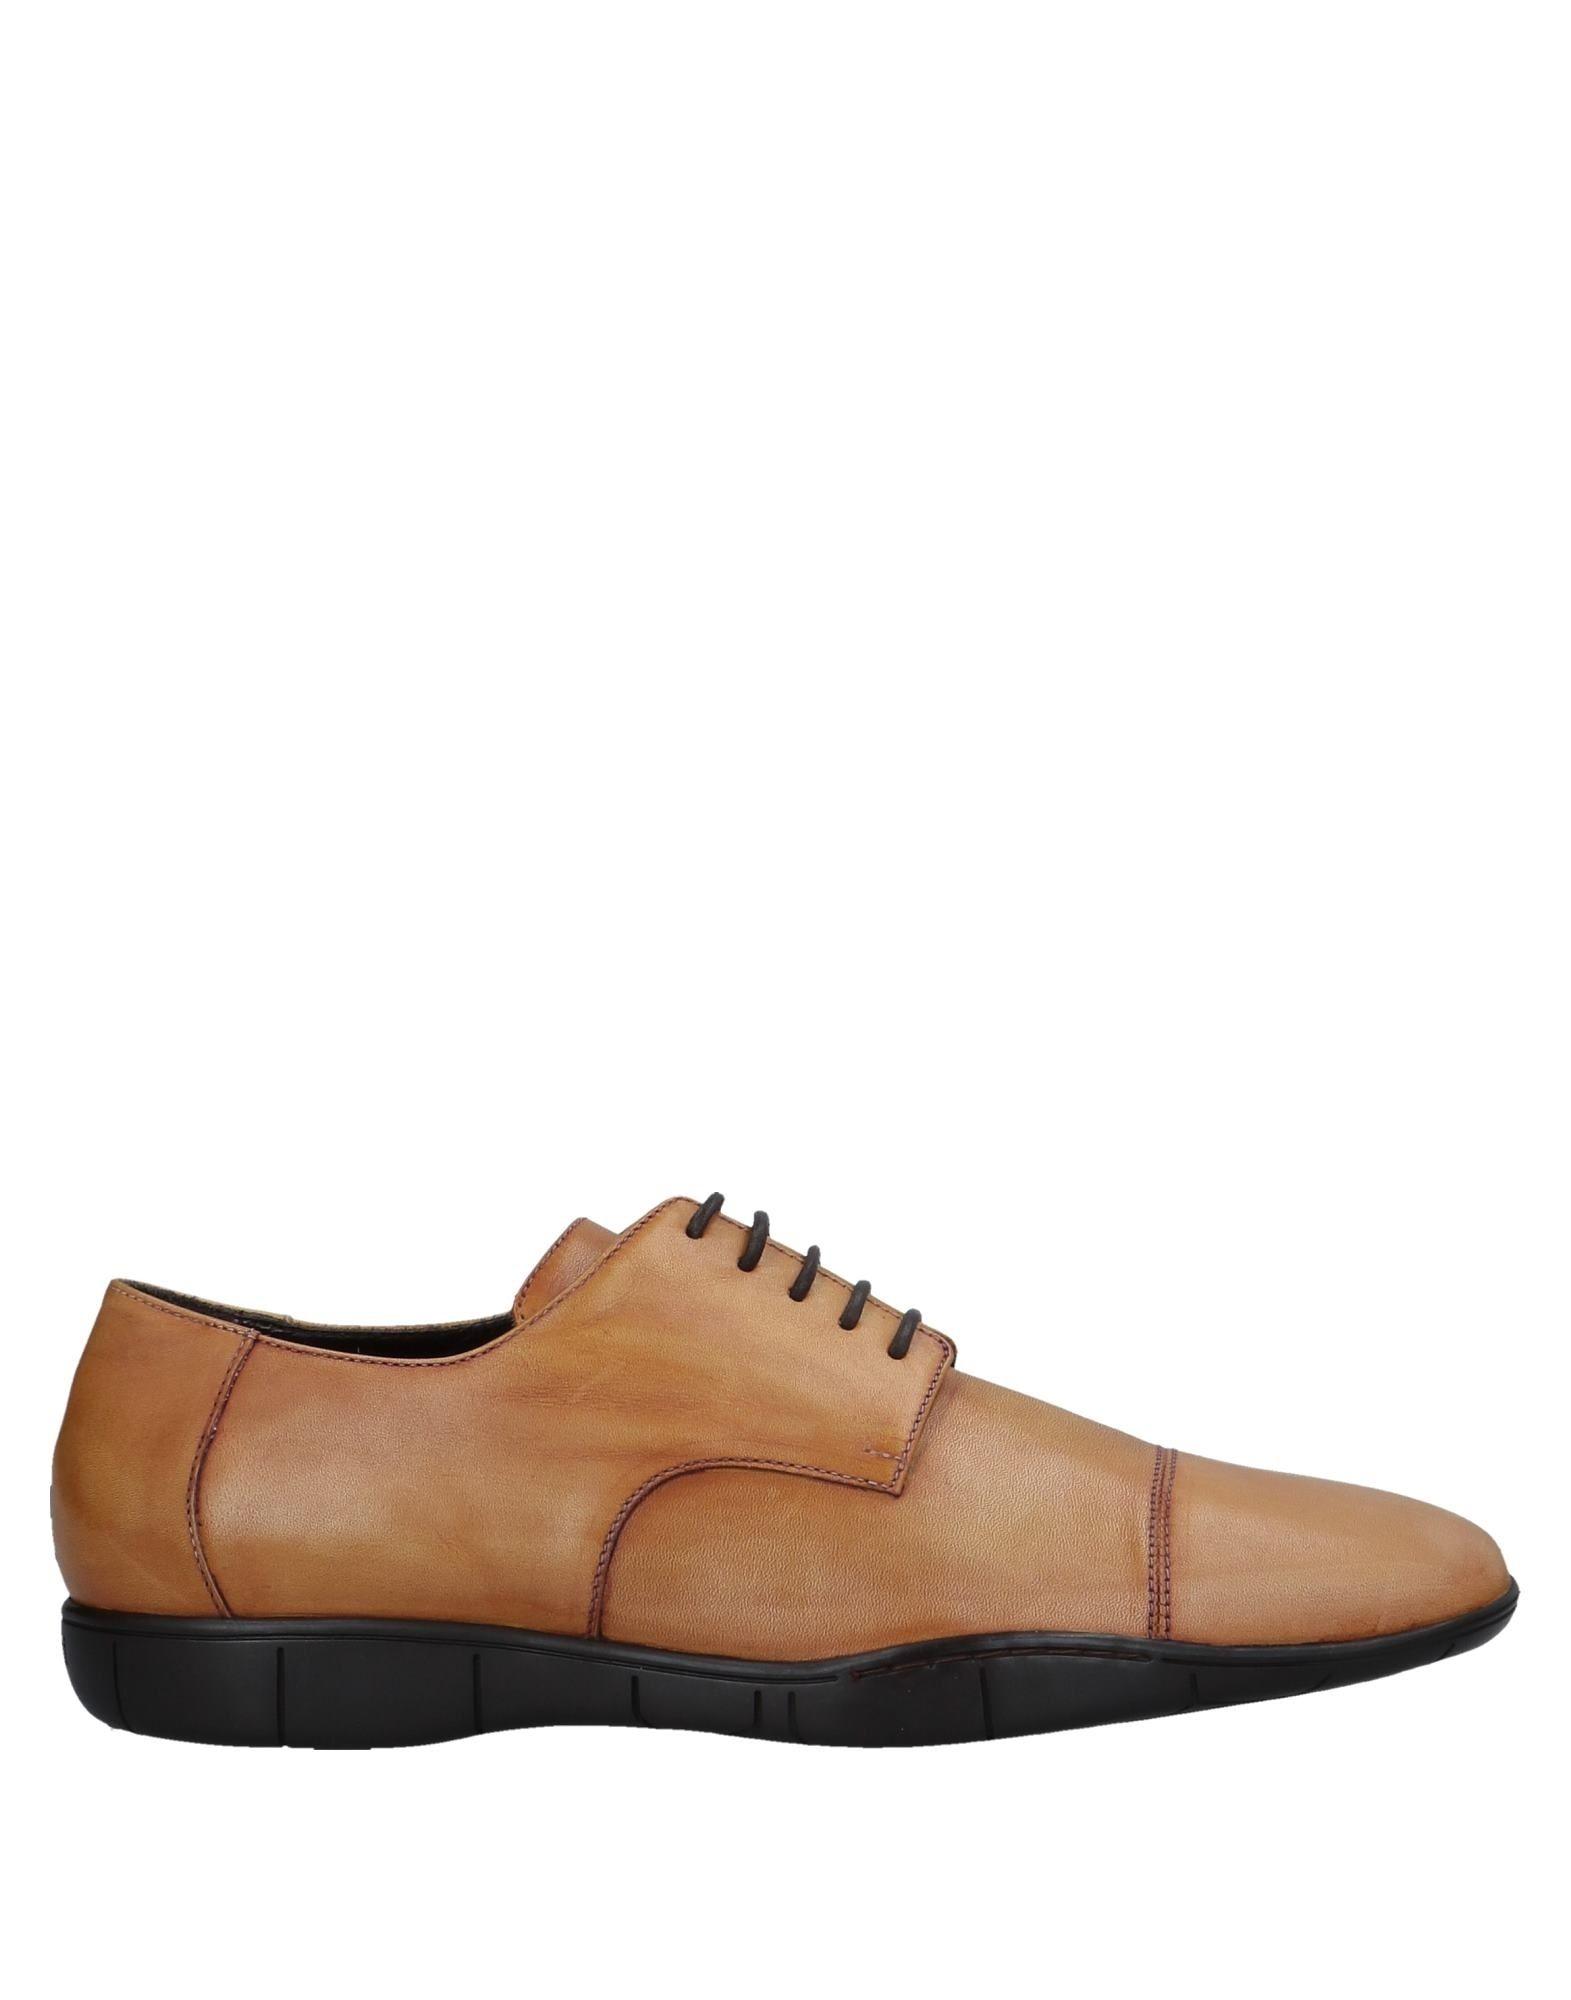 A.Testoni Schnürschuhe Herren  11542573SI Gute Qualität beliebte Schuhe